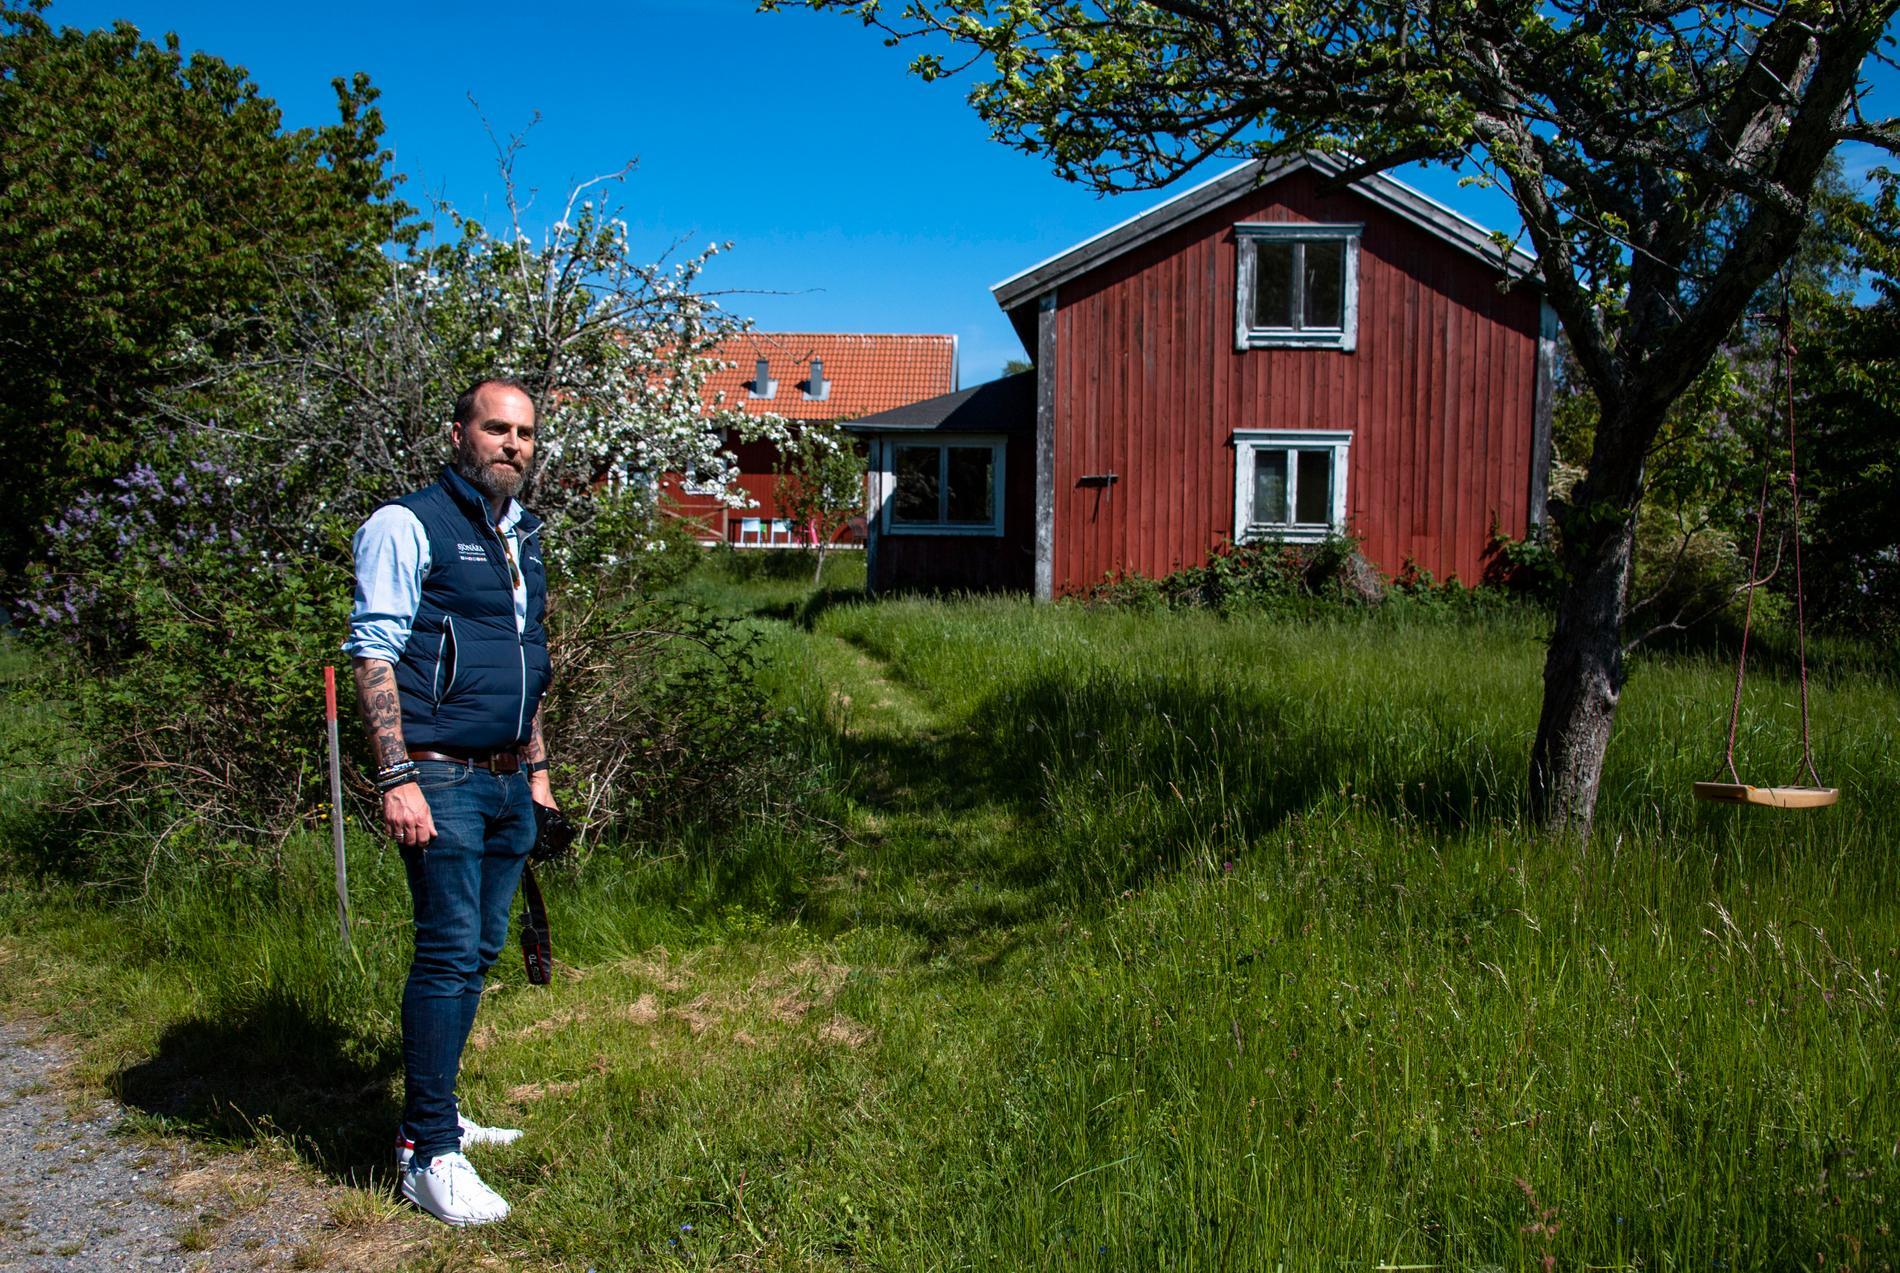 """""""Saltkråkan-effekten"""" på Norröra har avtagit senaste åren, enligt Johan Vogel. """"De som är lite yngre än mig har nog inte samma upplevelse av alla Astrid Lindgrens verk""""."""